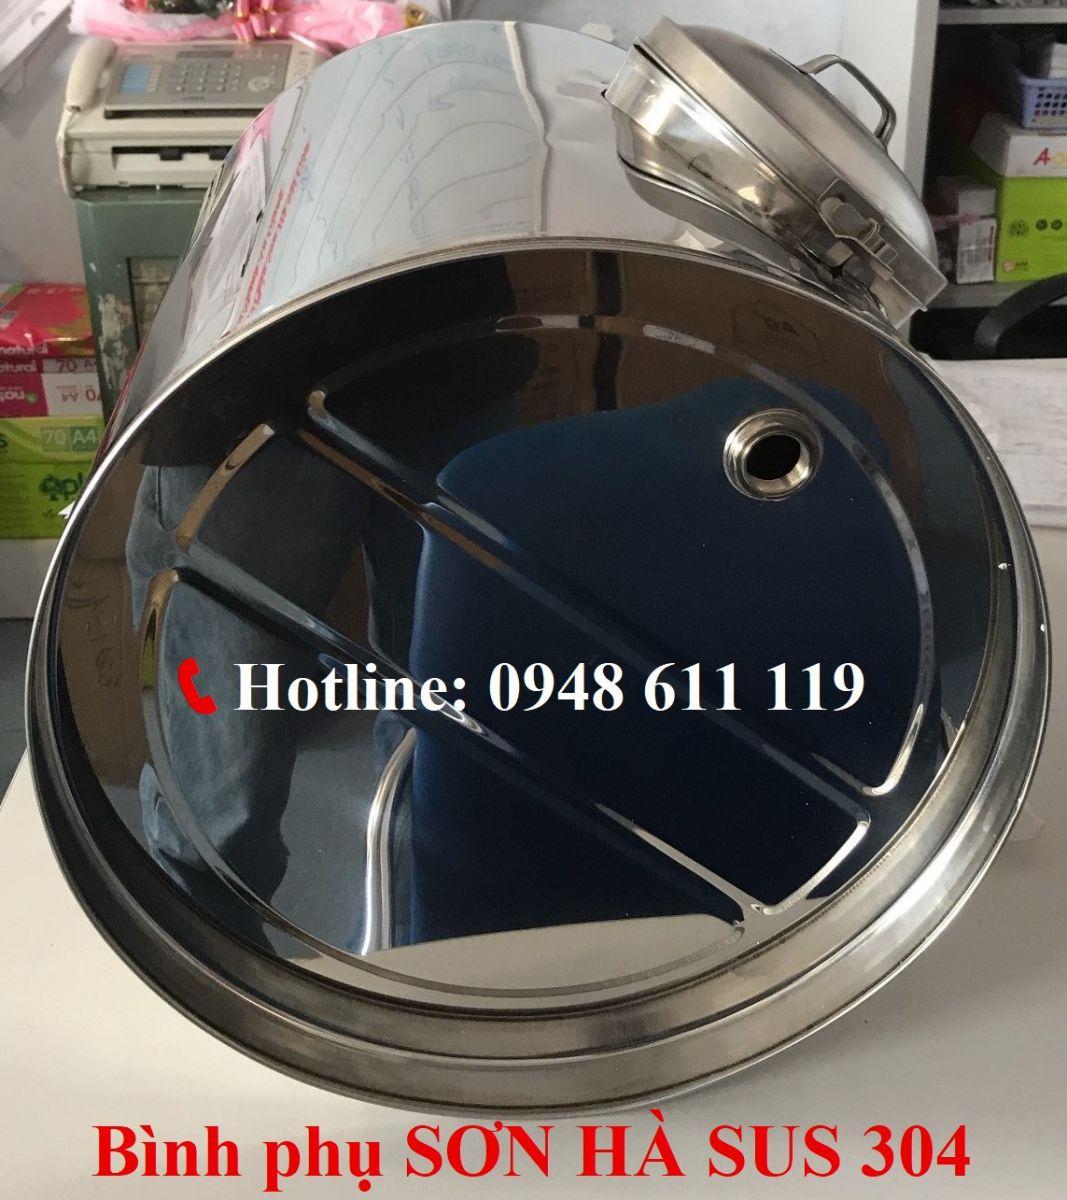 Website cung cấp chính thức: Bồn Nước Inox Sơn Hà| Máy nước nóng Sơn Hà| Bồn nhựa| Bồn inox| Máy năng lượng ✅của chính hãng CTy Sơn Hà ✅Giá tại hãng